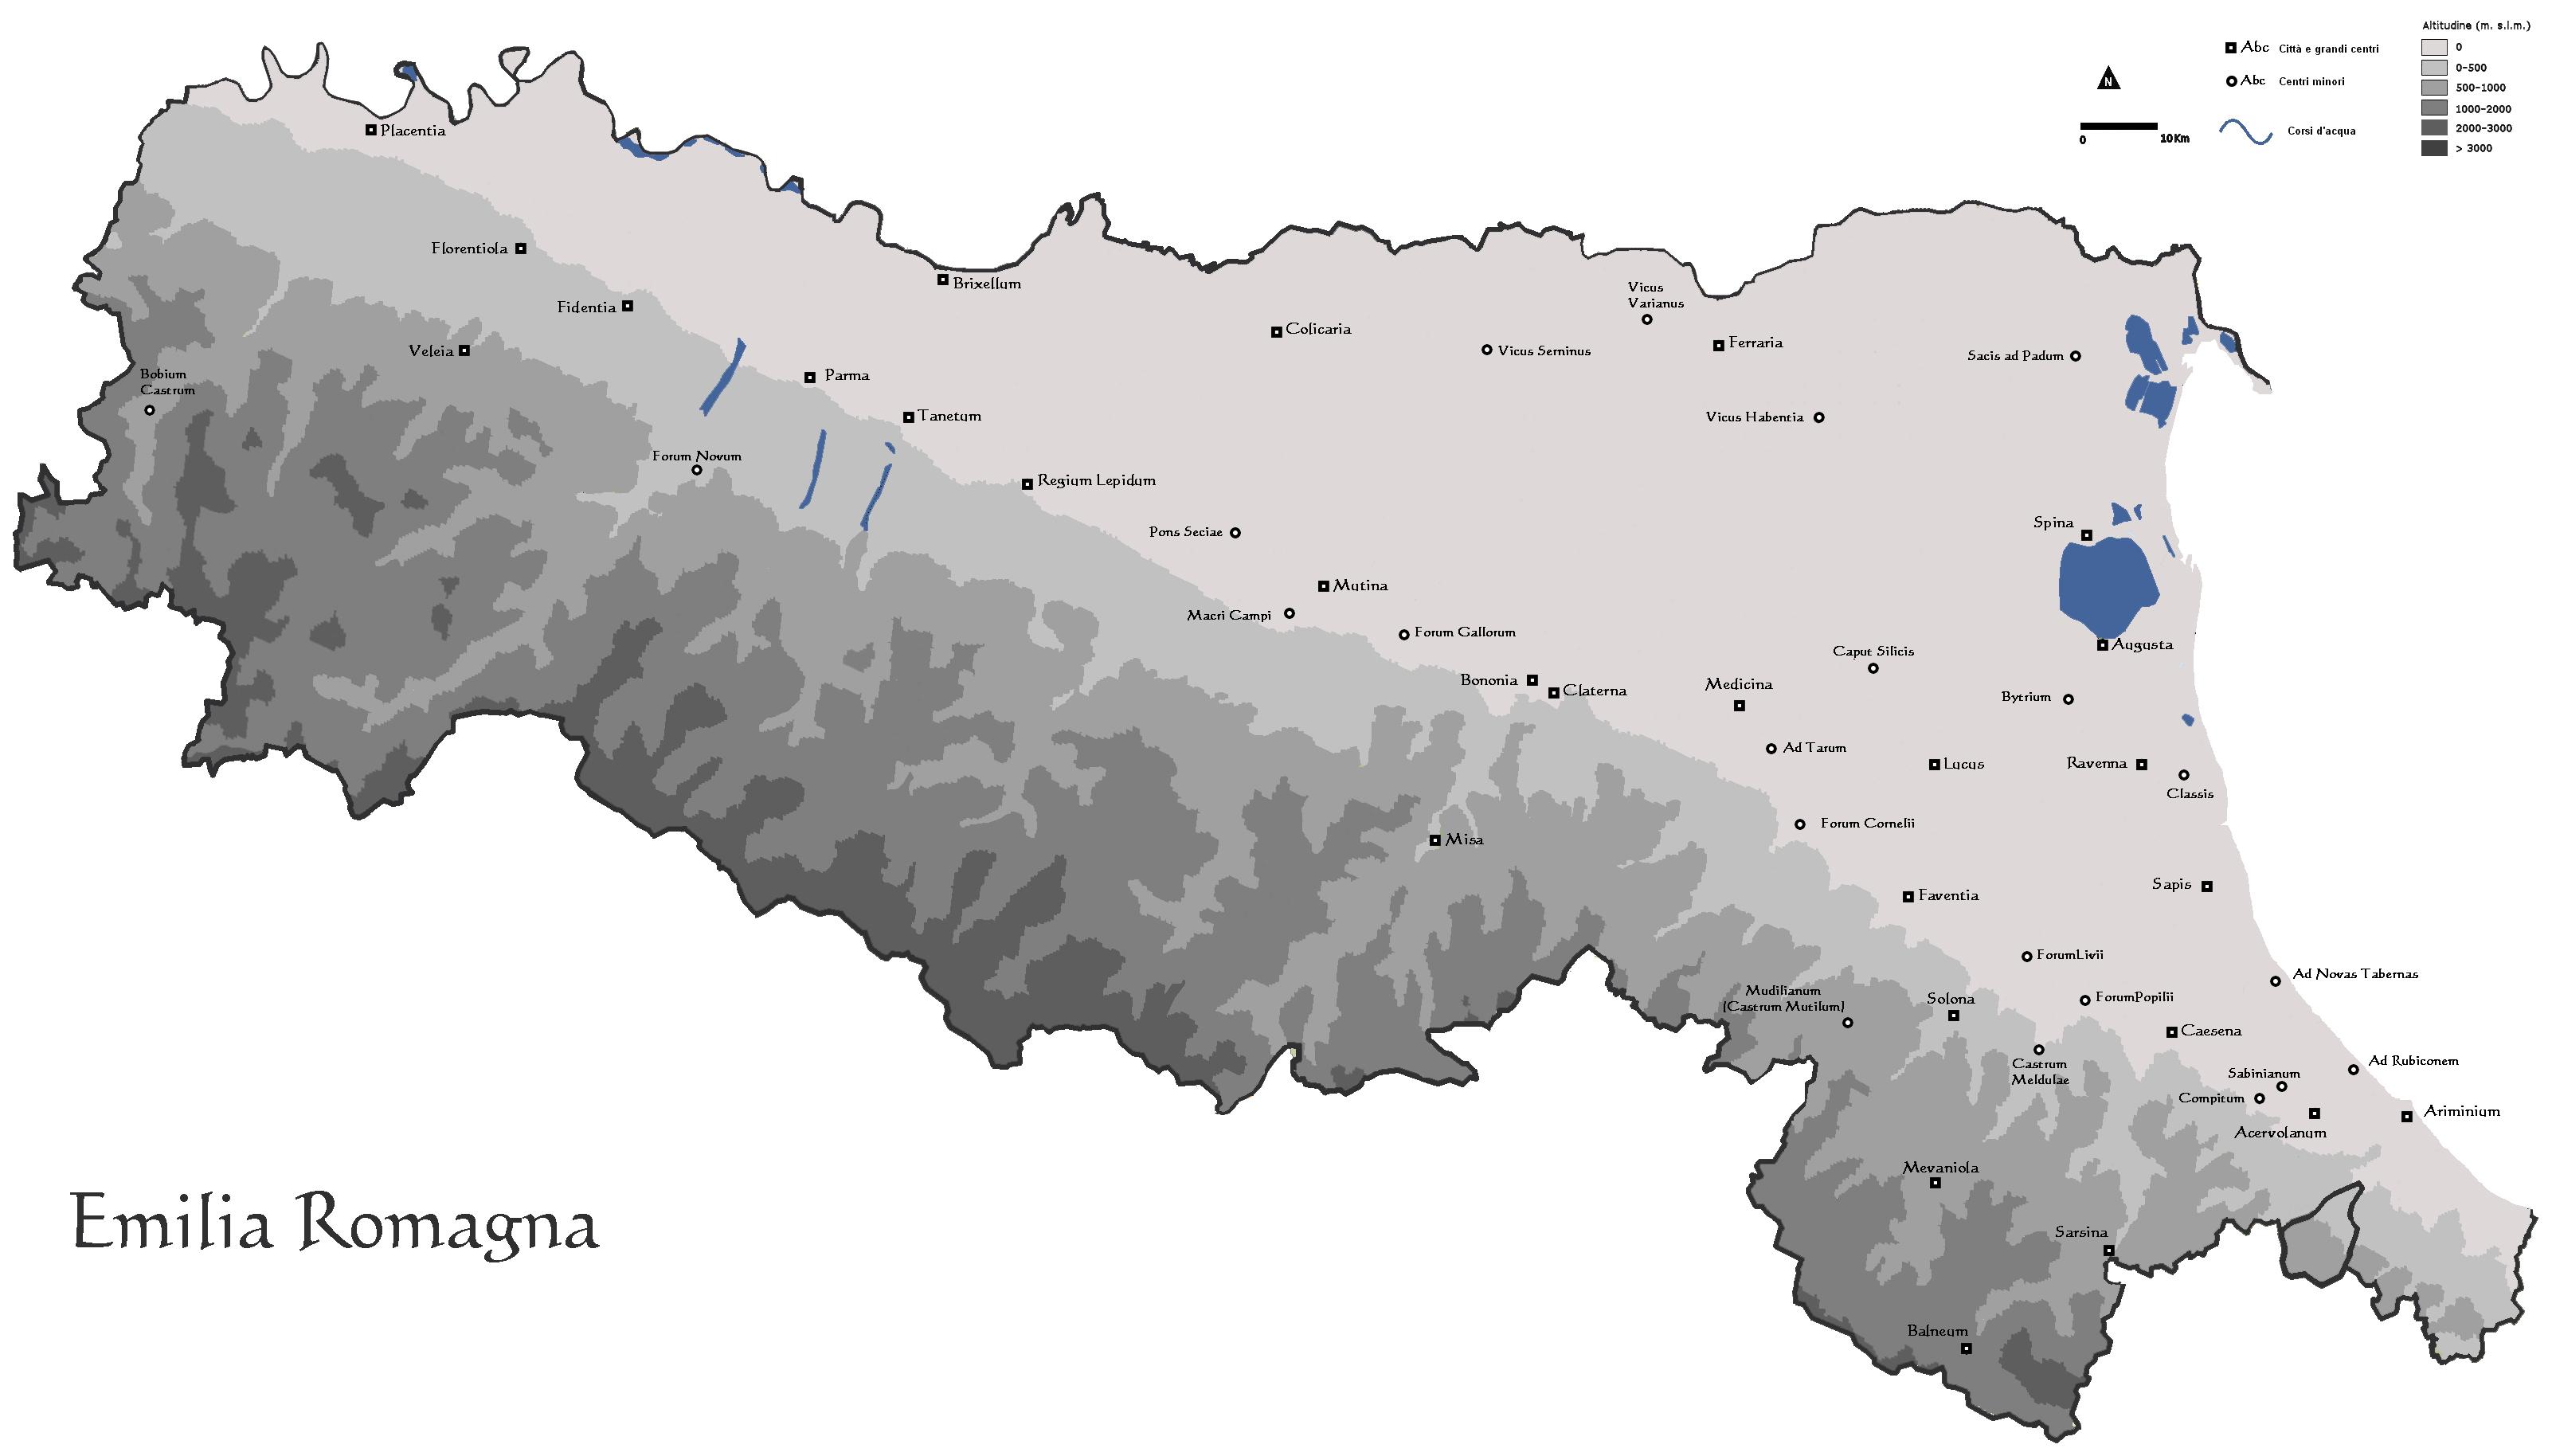 Cartina Topografica Emilia Romagna.Instoria Italia Antiqua Viii Emilia Romagna